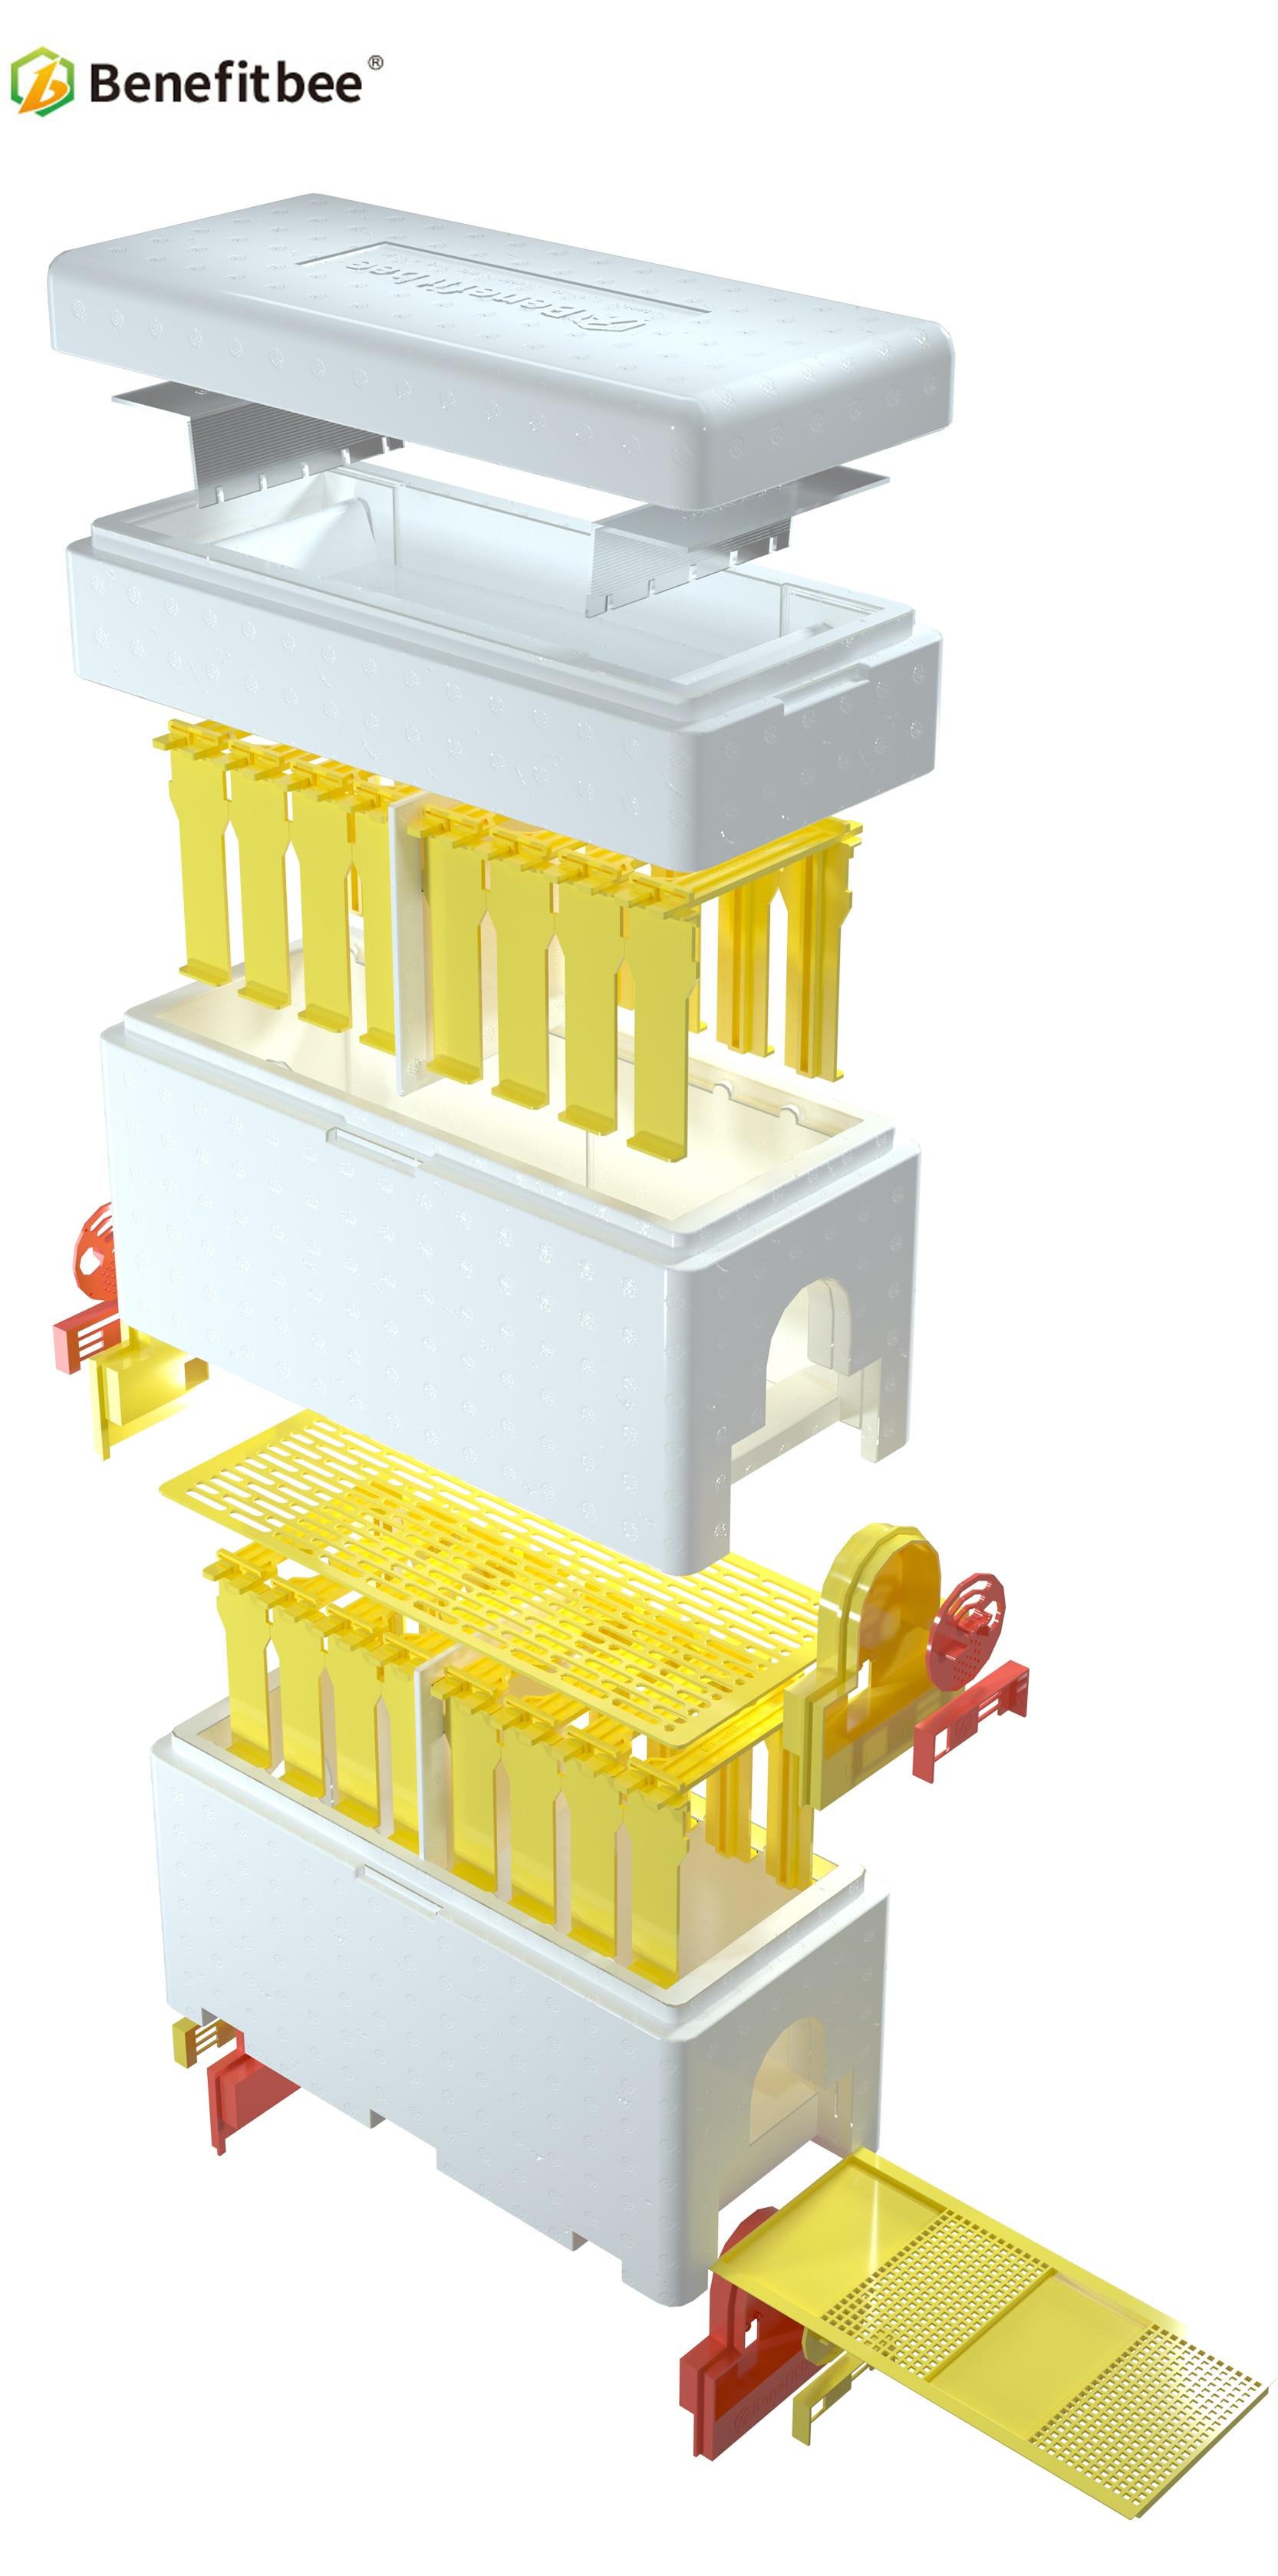 Бенффитби бренд многофункциональный королева пчелиный улей пластиковый пенопластовый материал двойная коробка вывод маток улей инструмент пчеловода пчелиное гнездо